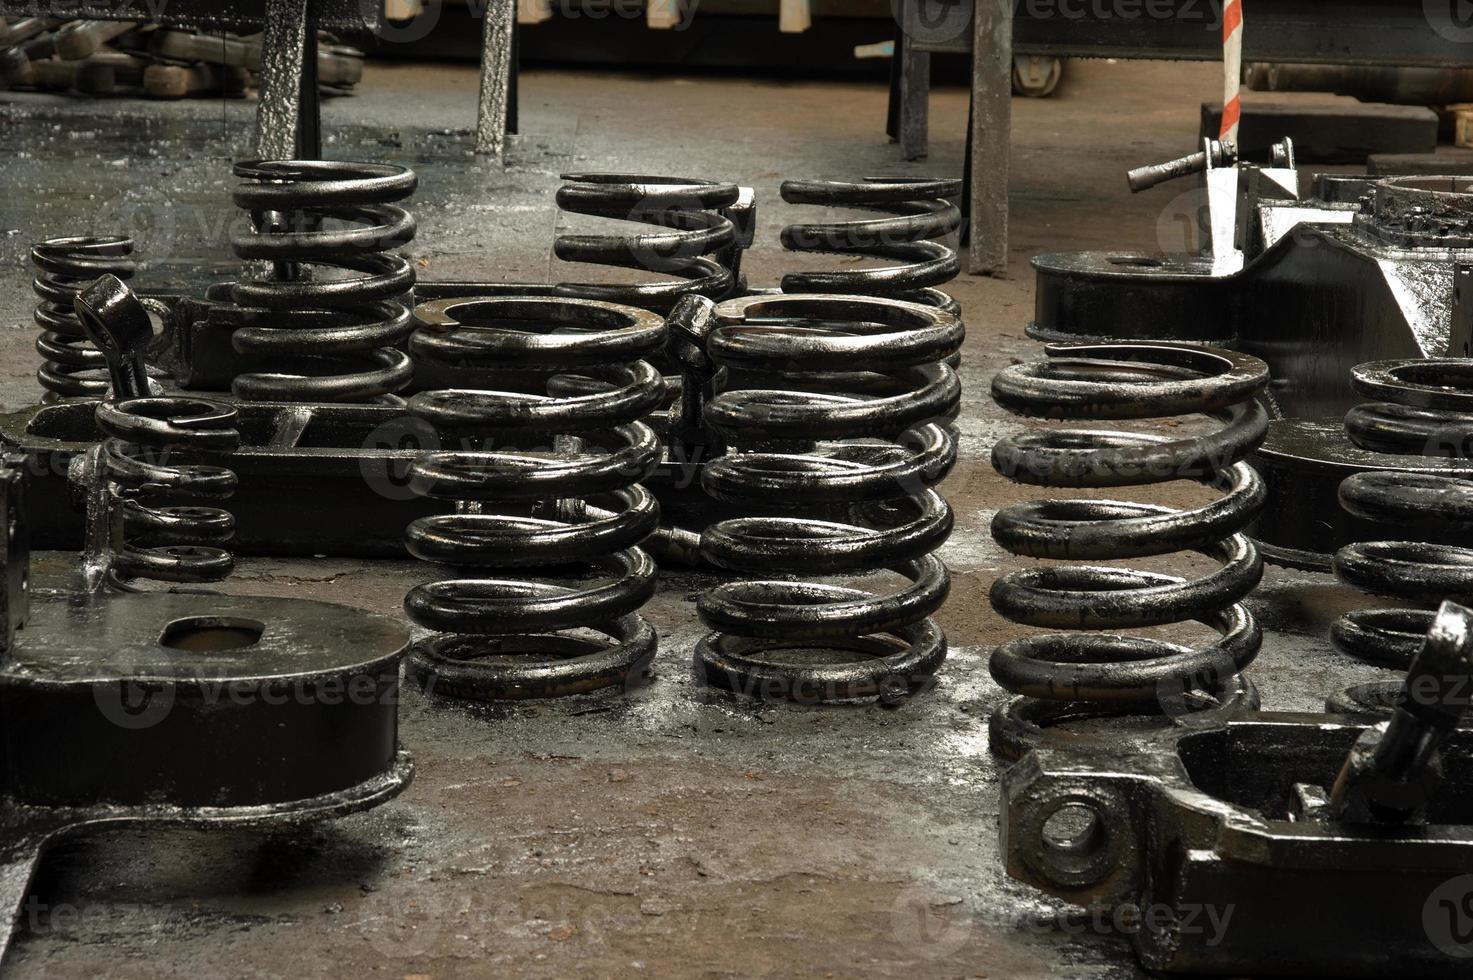 veeraflossingsmechanisme van chassis foto